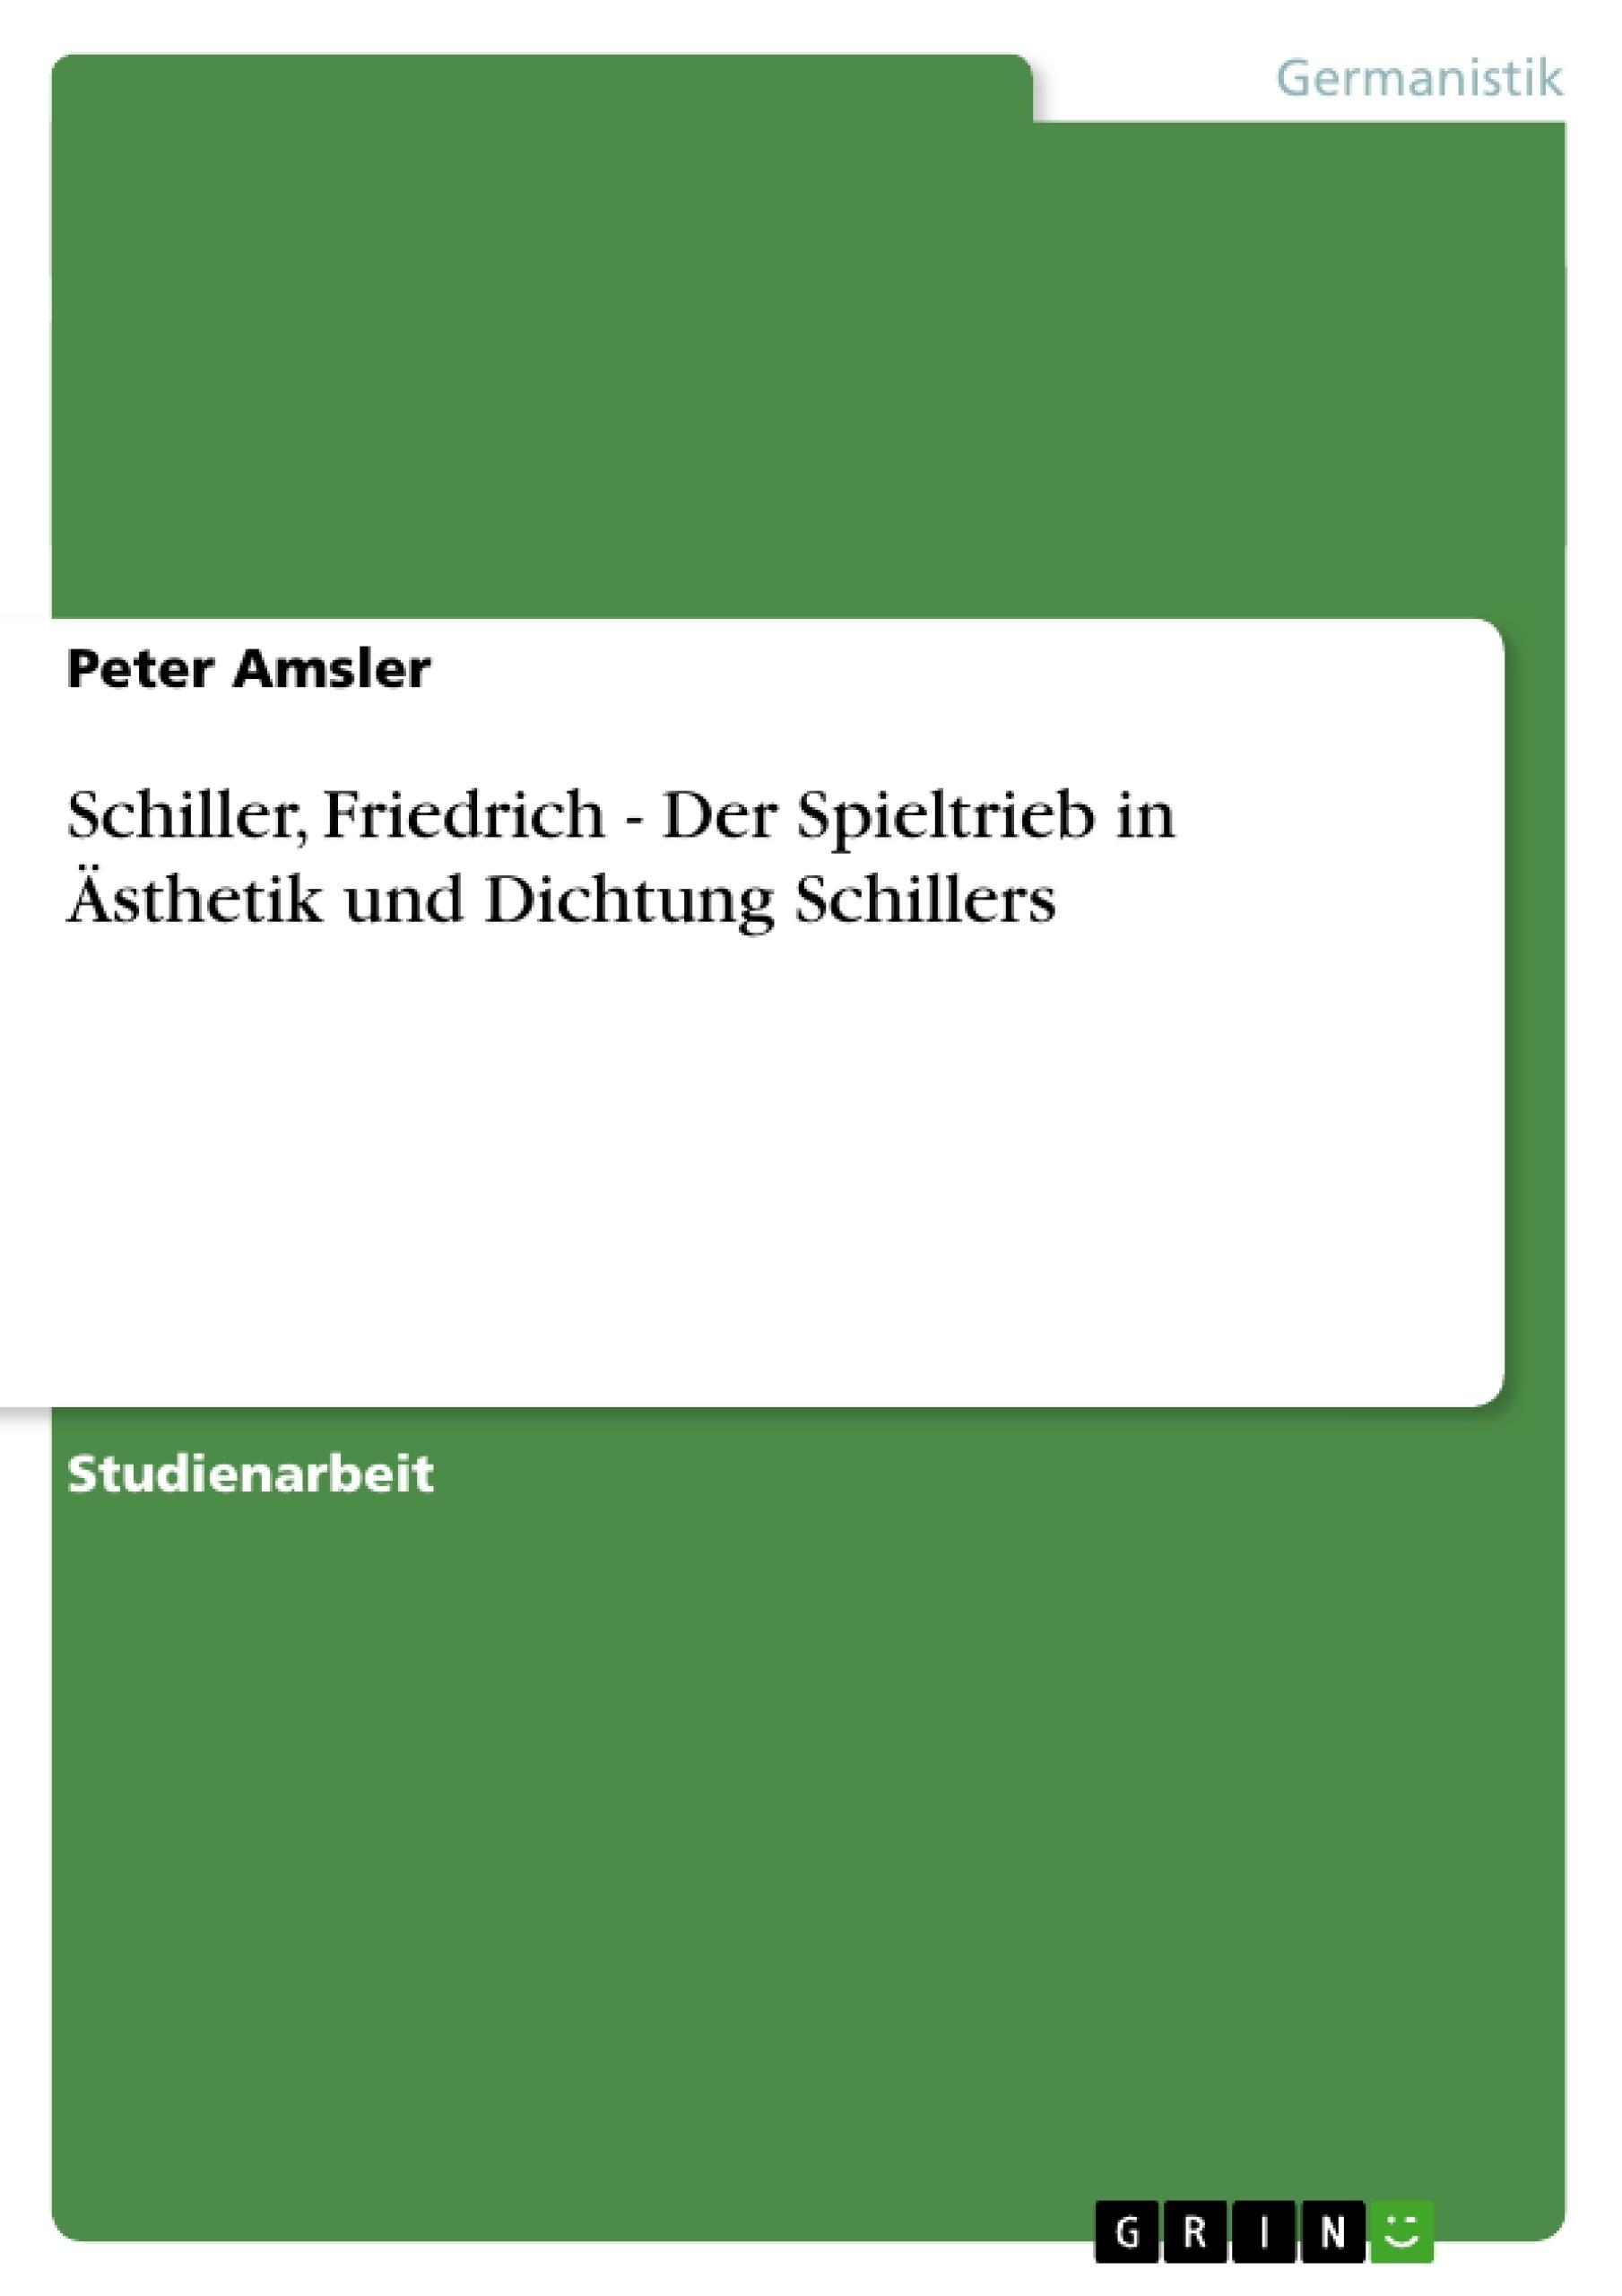 Titel: Schiller, Friedrich - Der Spieltrieb in Ästhetik und Dichtung Schillers